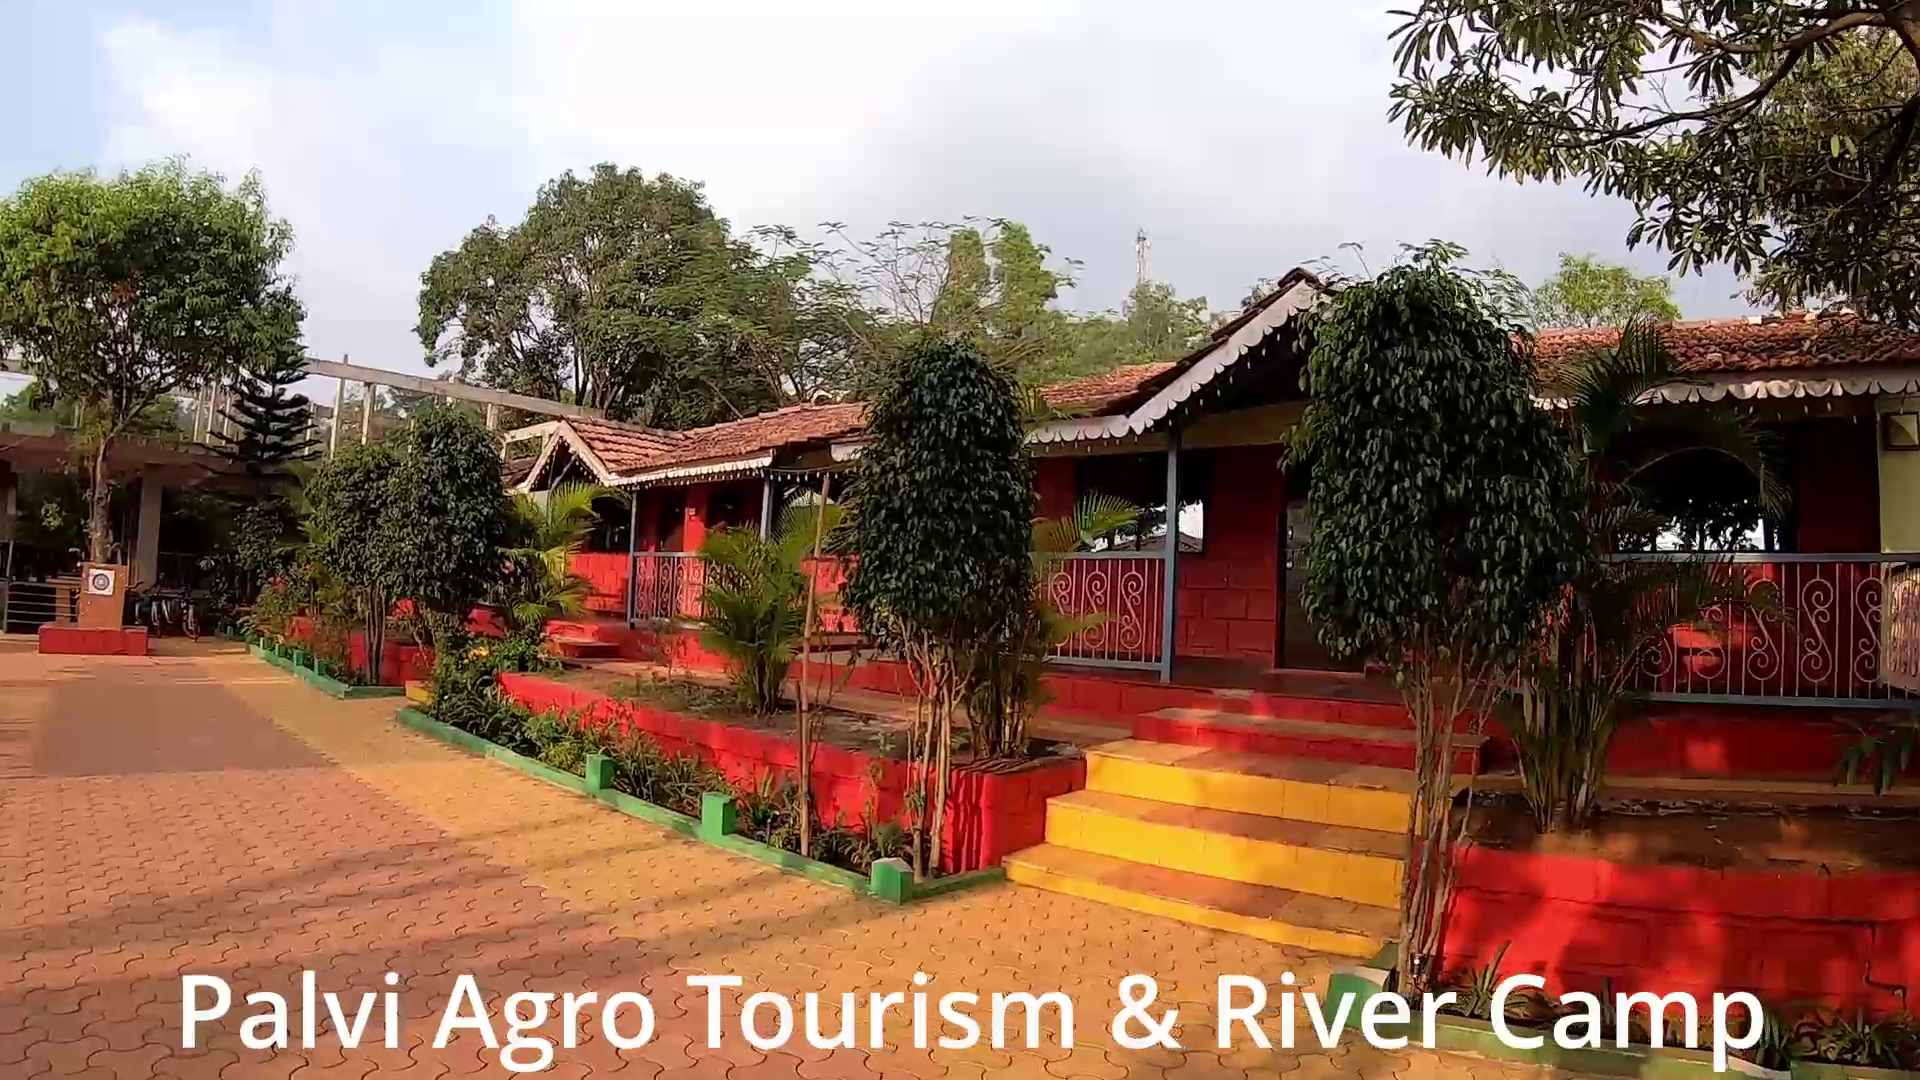 Palvi Agro Tourism & River Camp